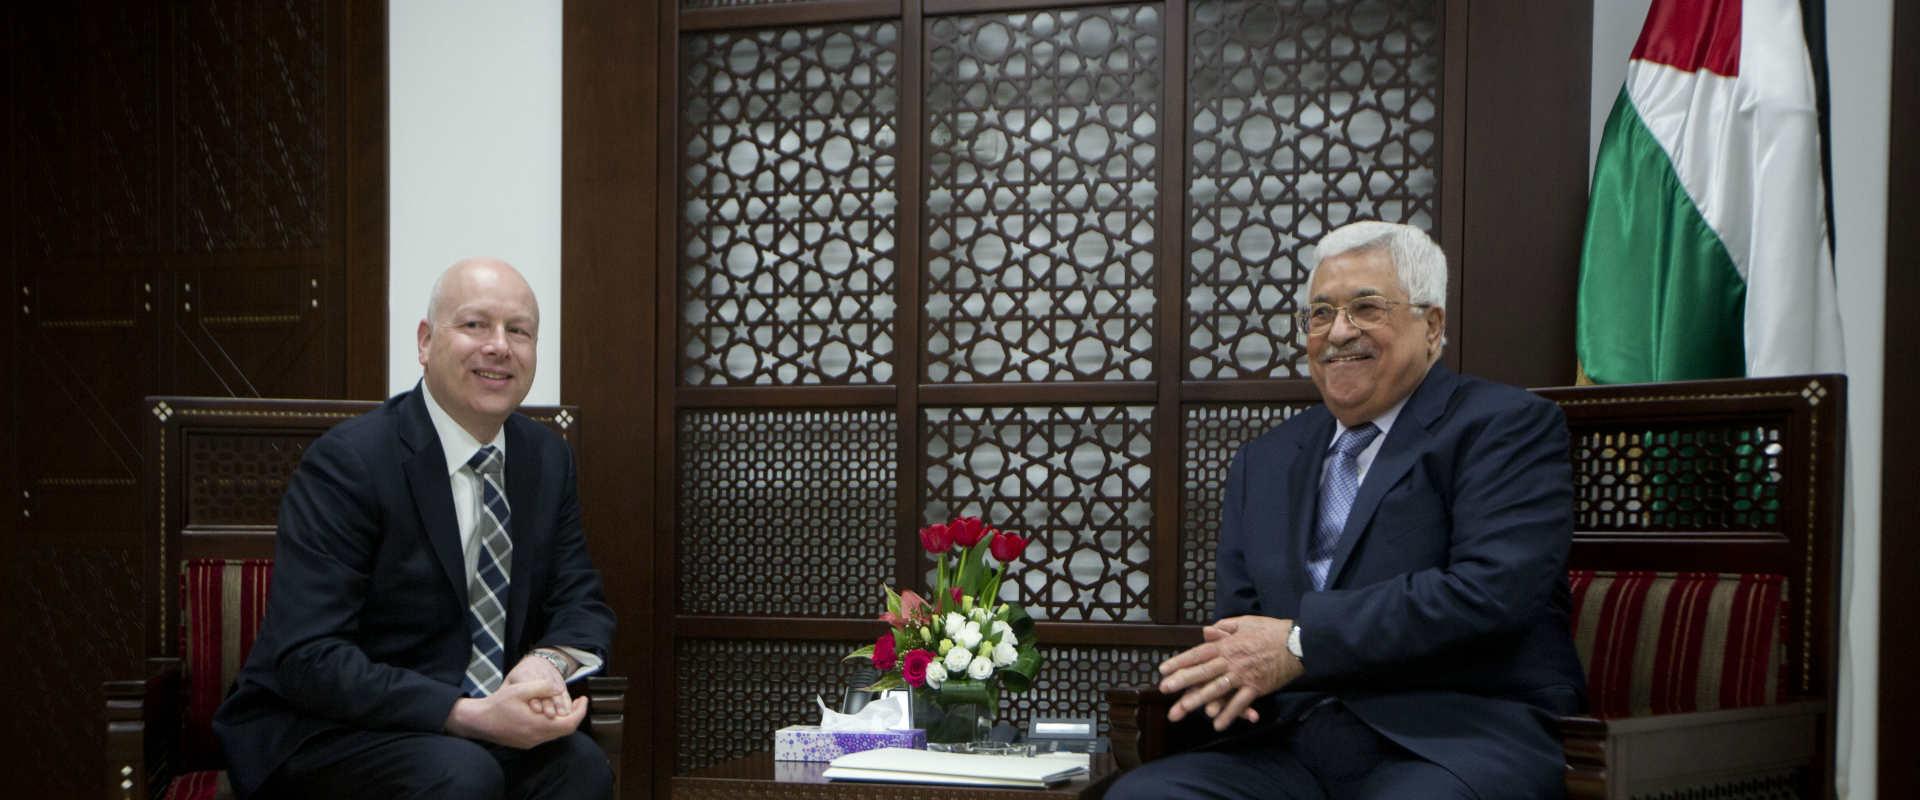 גרינבלט ומחמוד עבאס, בפגישתם במארס 2017